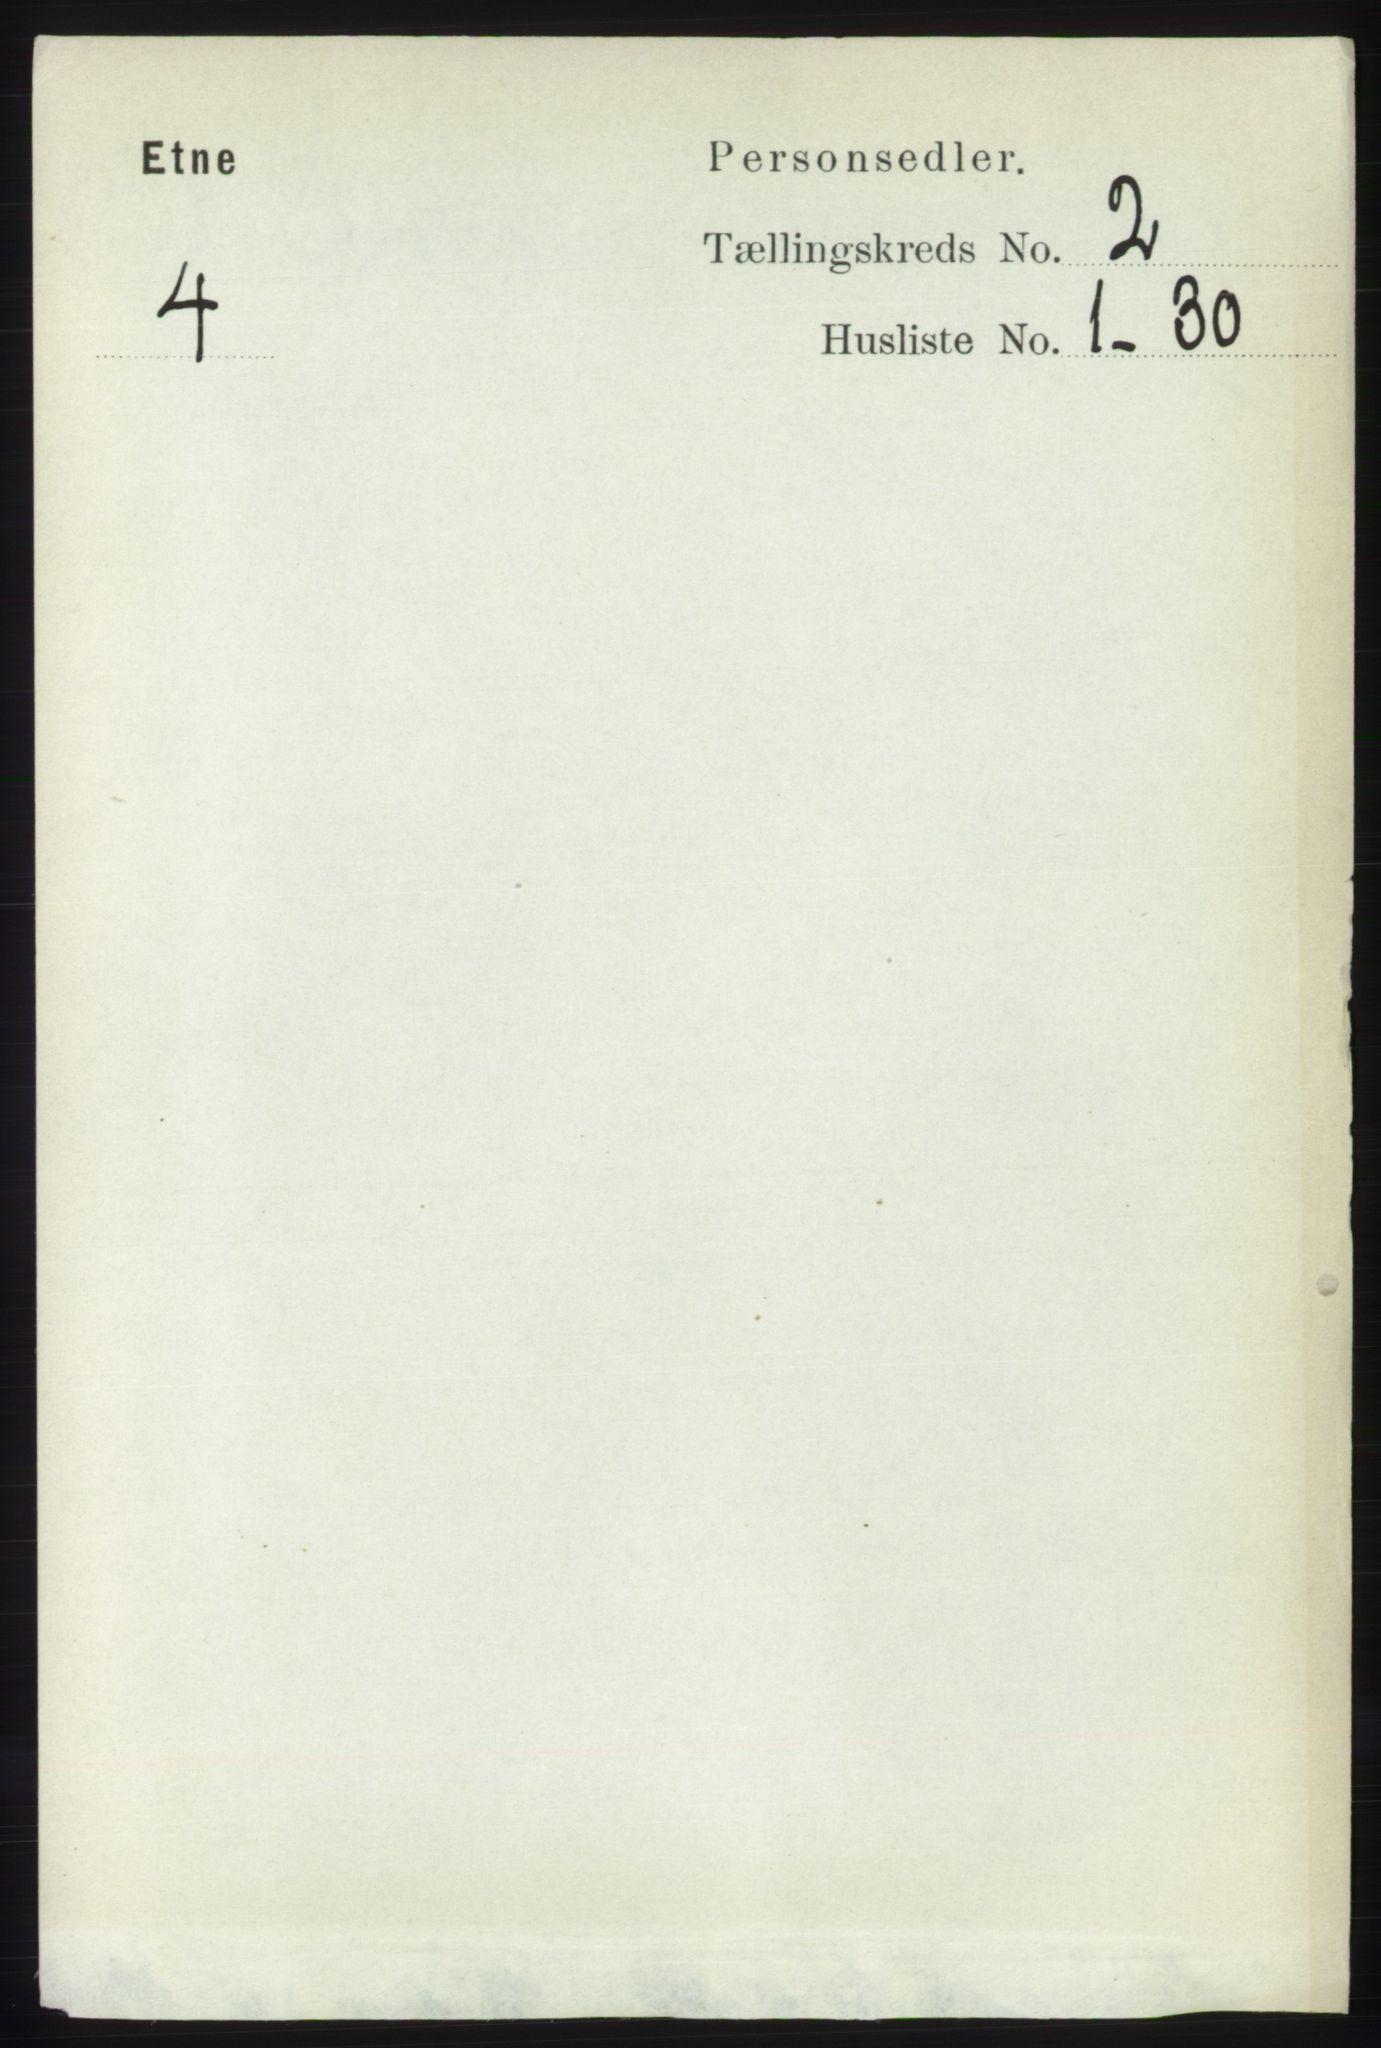 RA, Folketelling 1891 for 1211 Etne herred, 1891, s. 331